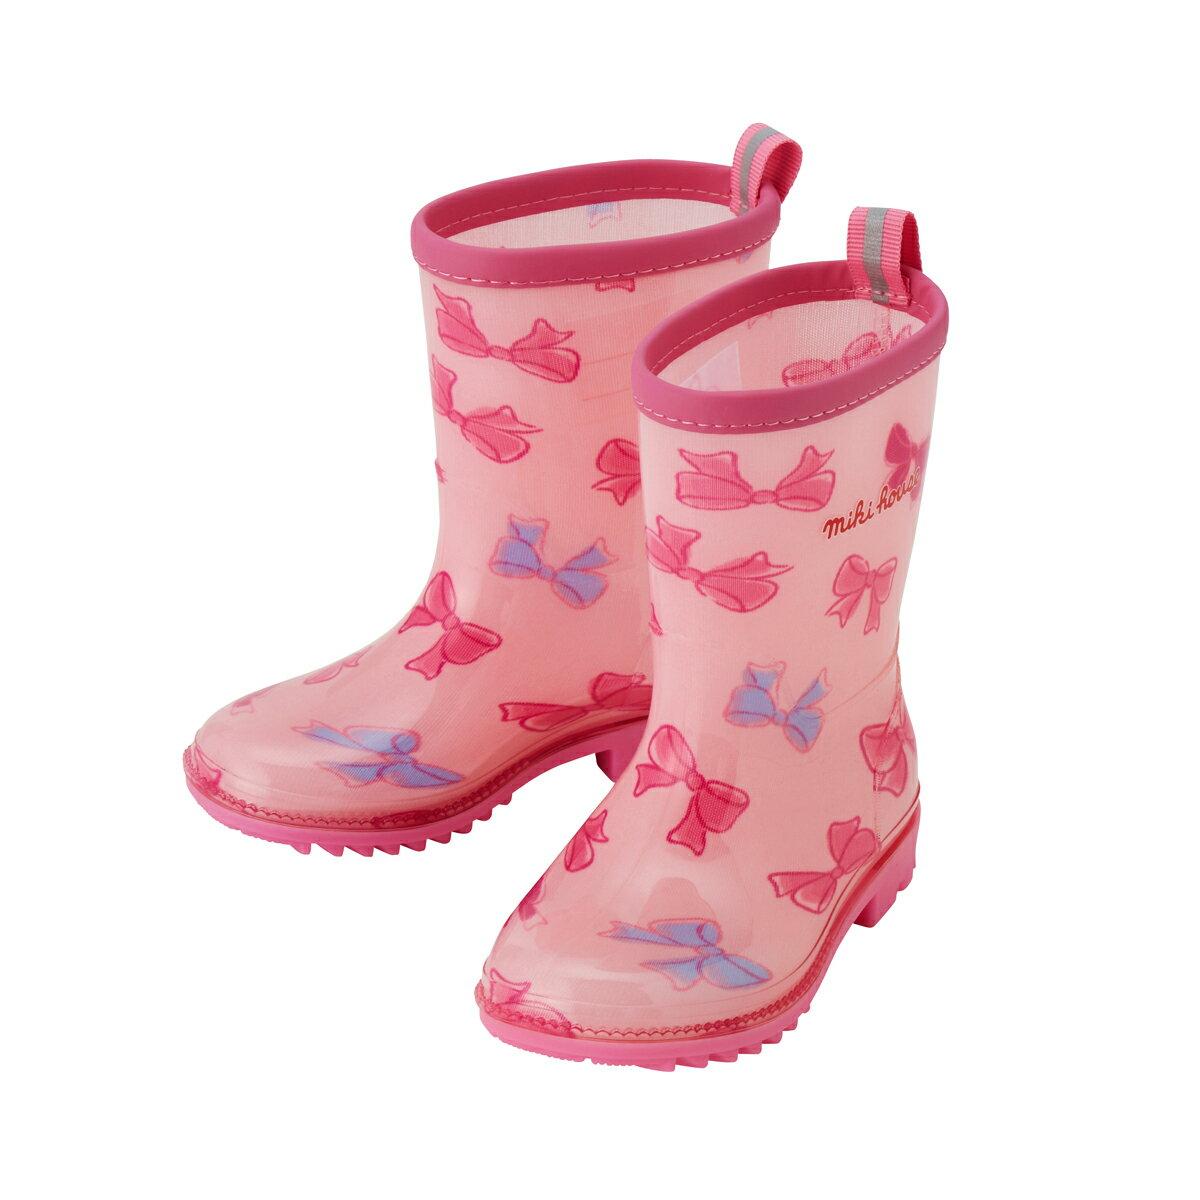 リボンいっぱい♪リーナちゃんレインブーツ(長靴)(15cm-21cm)